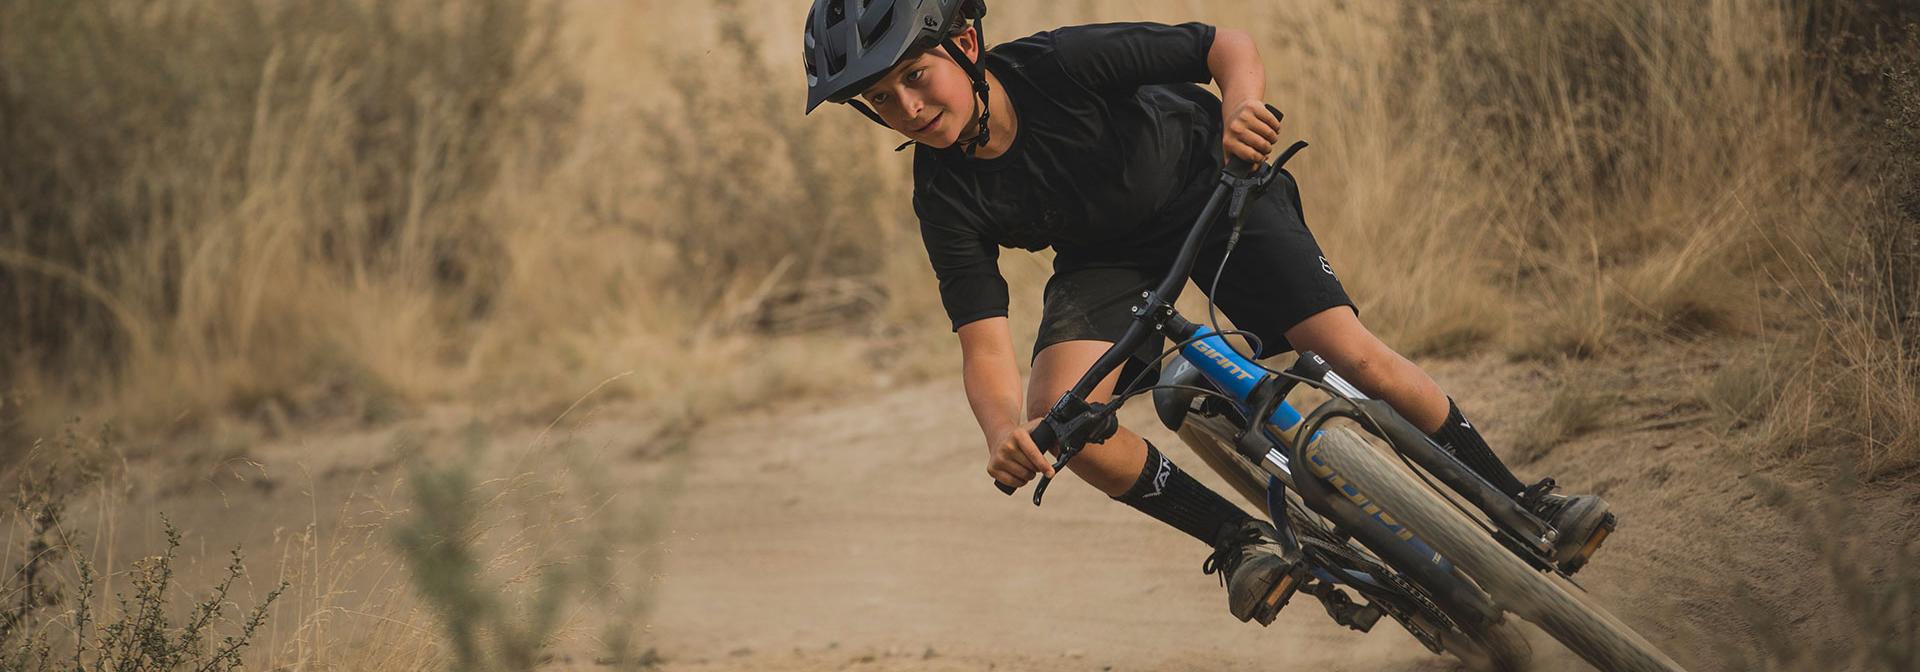 giant kinder mountainbike verkrijgbaar bij jan bouwes fietsen